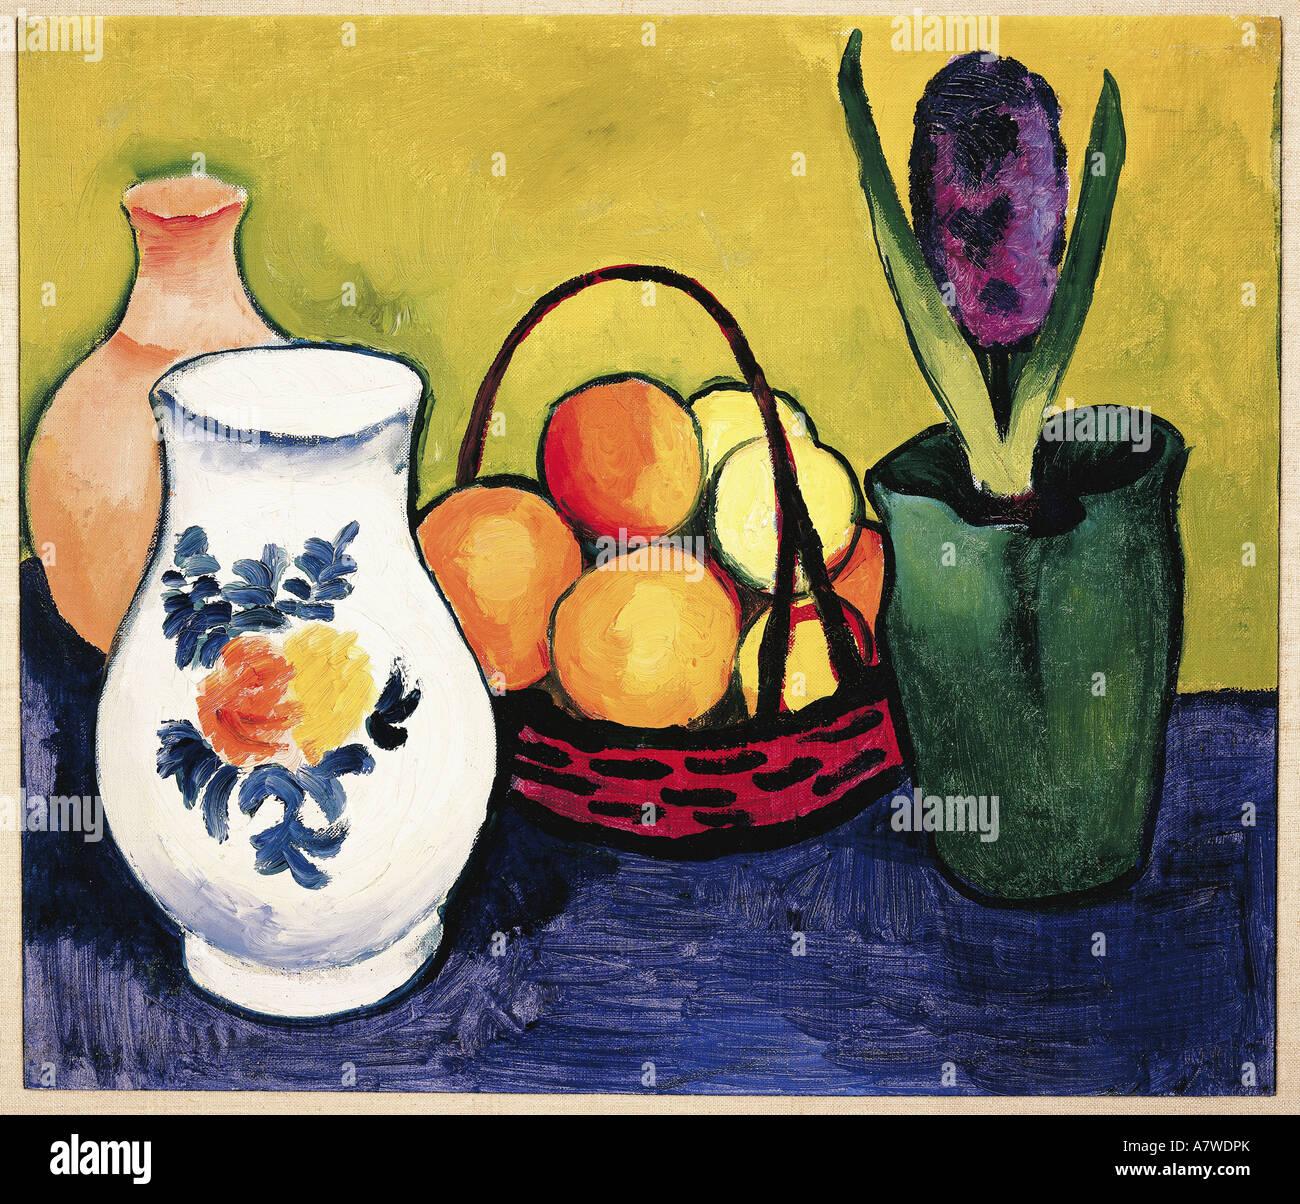 """Bildende Kunst, Macke, August (1887 - 1914), """"Weisser Krug mit Blumen und Früchten"""", Malerei, Tegernsee, Stockbild"""